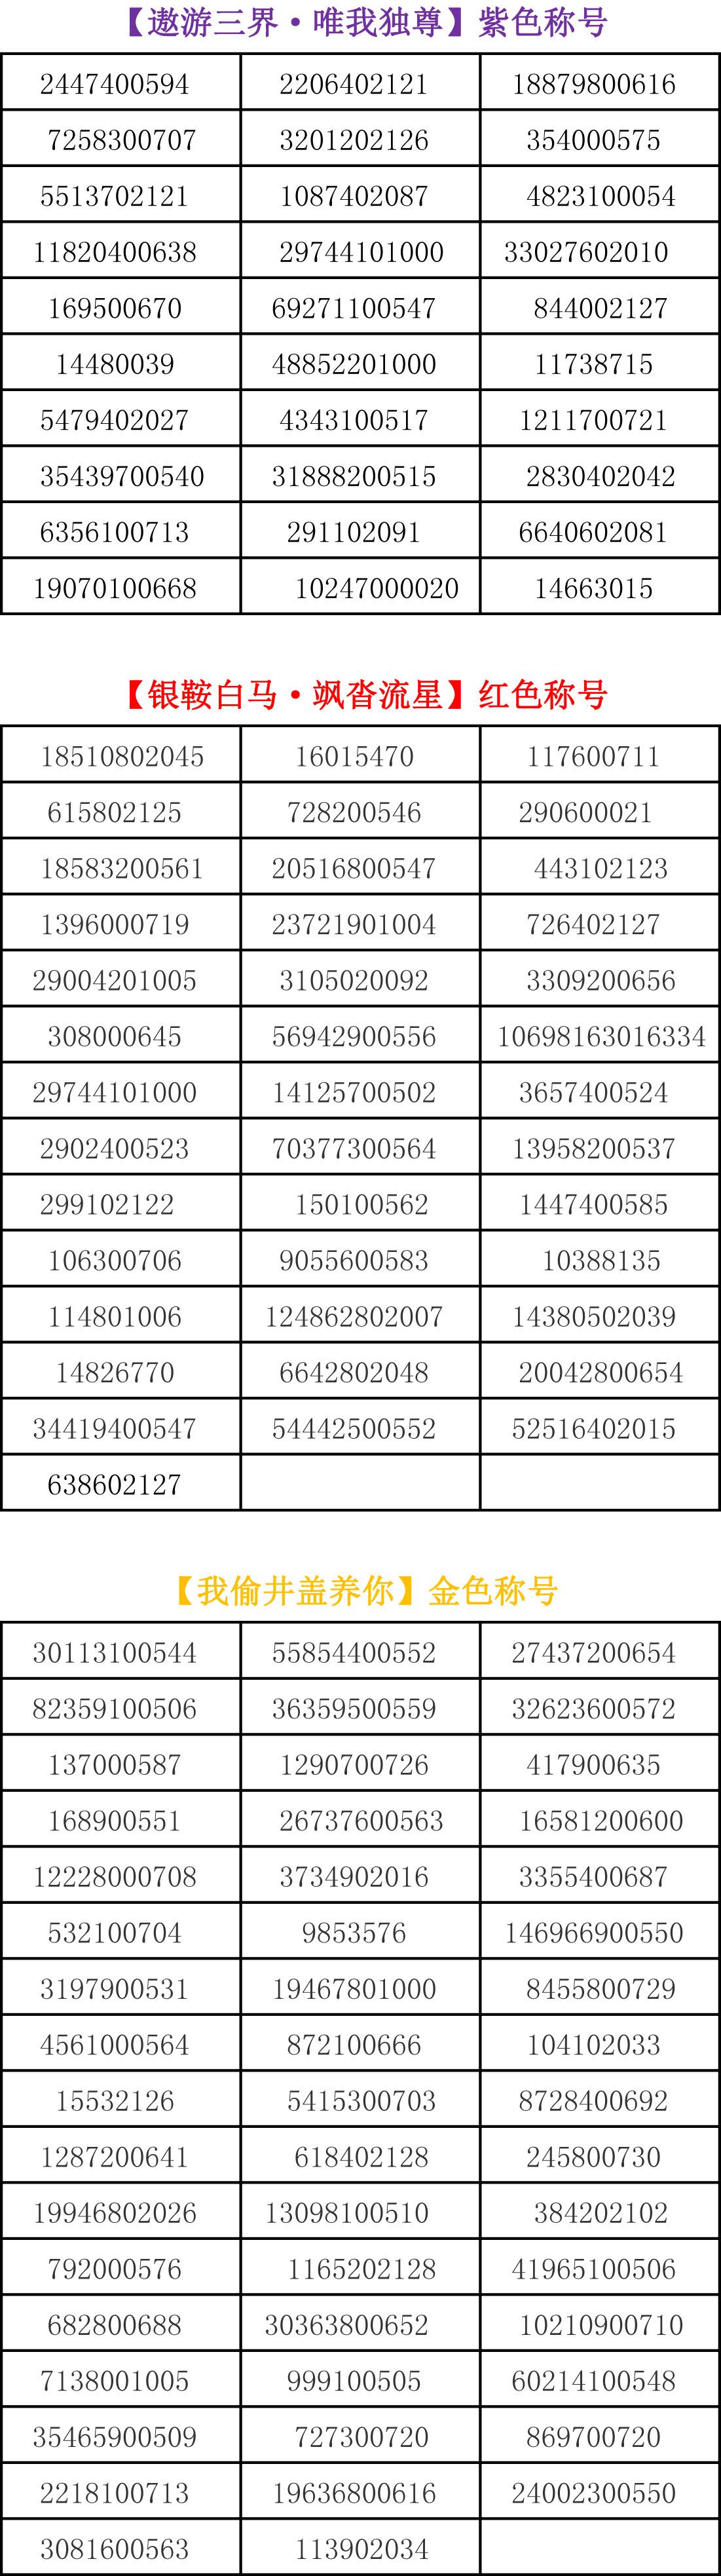 仙踪山一句话攻略征集活动获奖名单-9.jpg